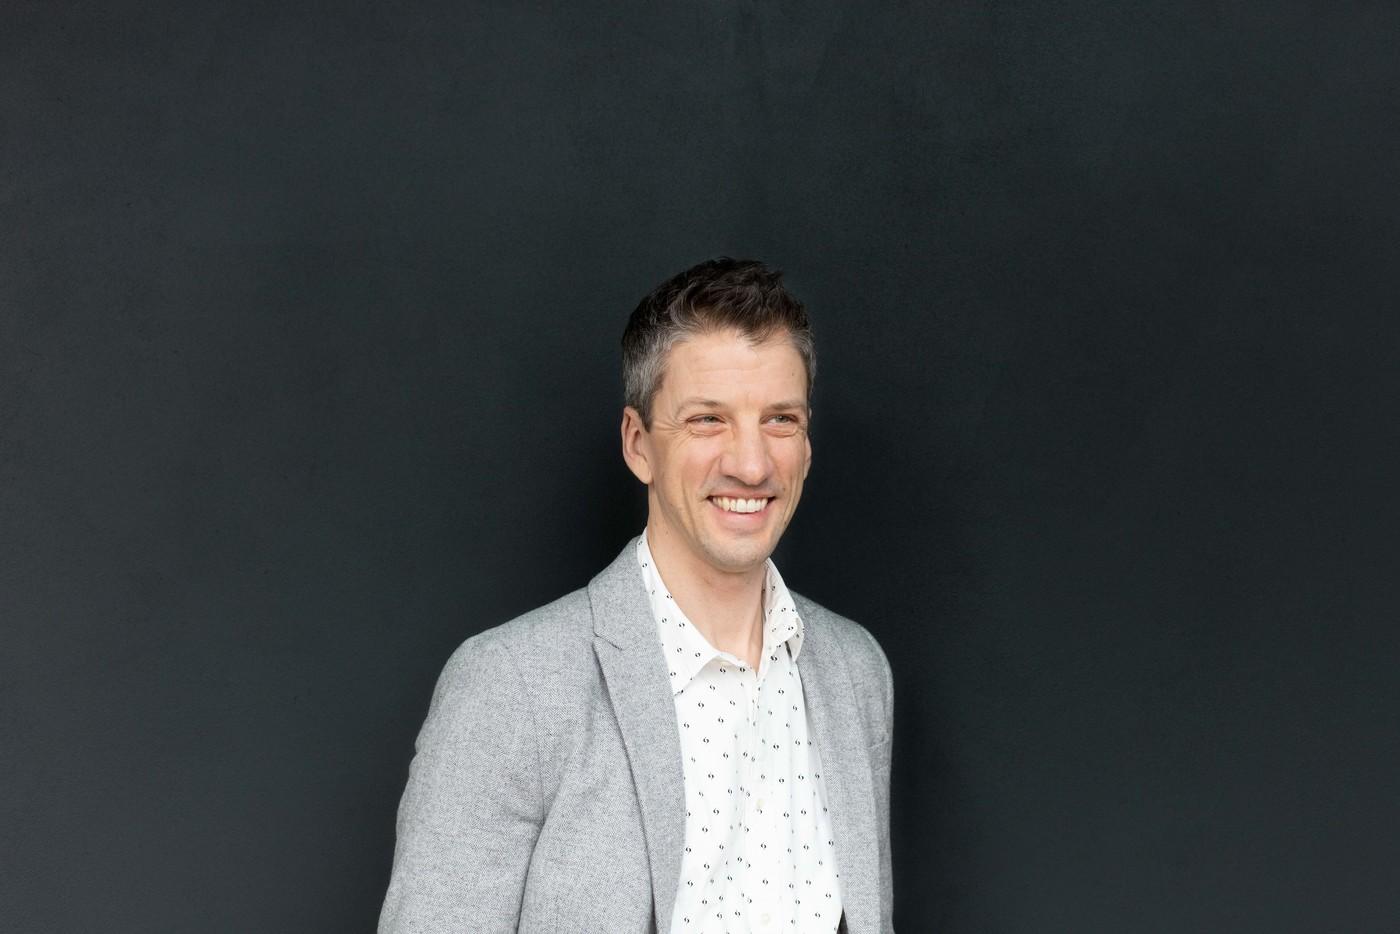 Tim Zielke